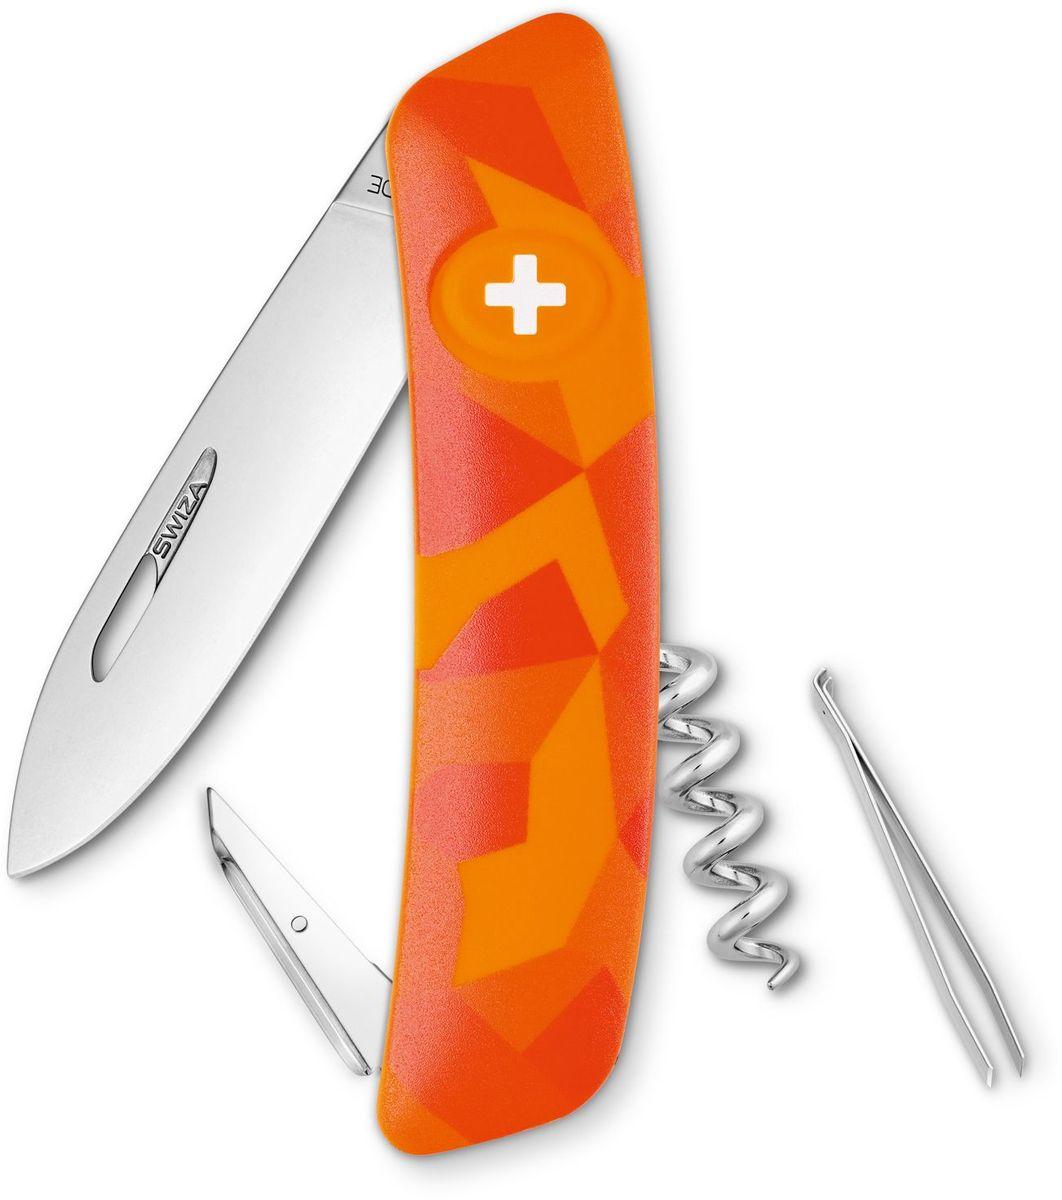 Нож швейцарский SWIZA C01, цвет: оранжевый, длина клинка 7,5 см1.3603.T7 Швейцарский нож (SWIZA С01) с его революционной формой и безопасной рукояткой, легко раскладываемой ручкой - самый удобный и простой в использовании швейцарский нож на все времена. Эргономично изогнутая форма ножа обеспечивает более легкий доступ к инструментам, а пазы позволяют легко их открывать, как левой, так и правой рукой. Пожизненная гаратния на ножи SWIZA обеспечивают долговременное использование1. нож перочинный ,2. штопор, 3. ример/дырокол4. шило, 5. безопасная блокировка лезвий,6. пинцет